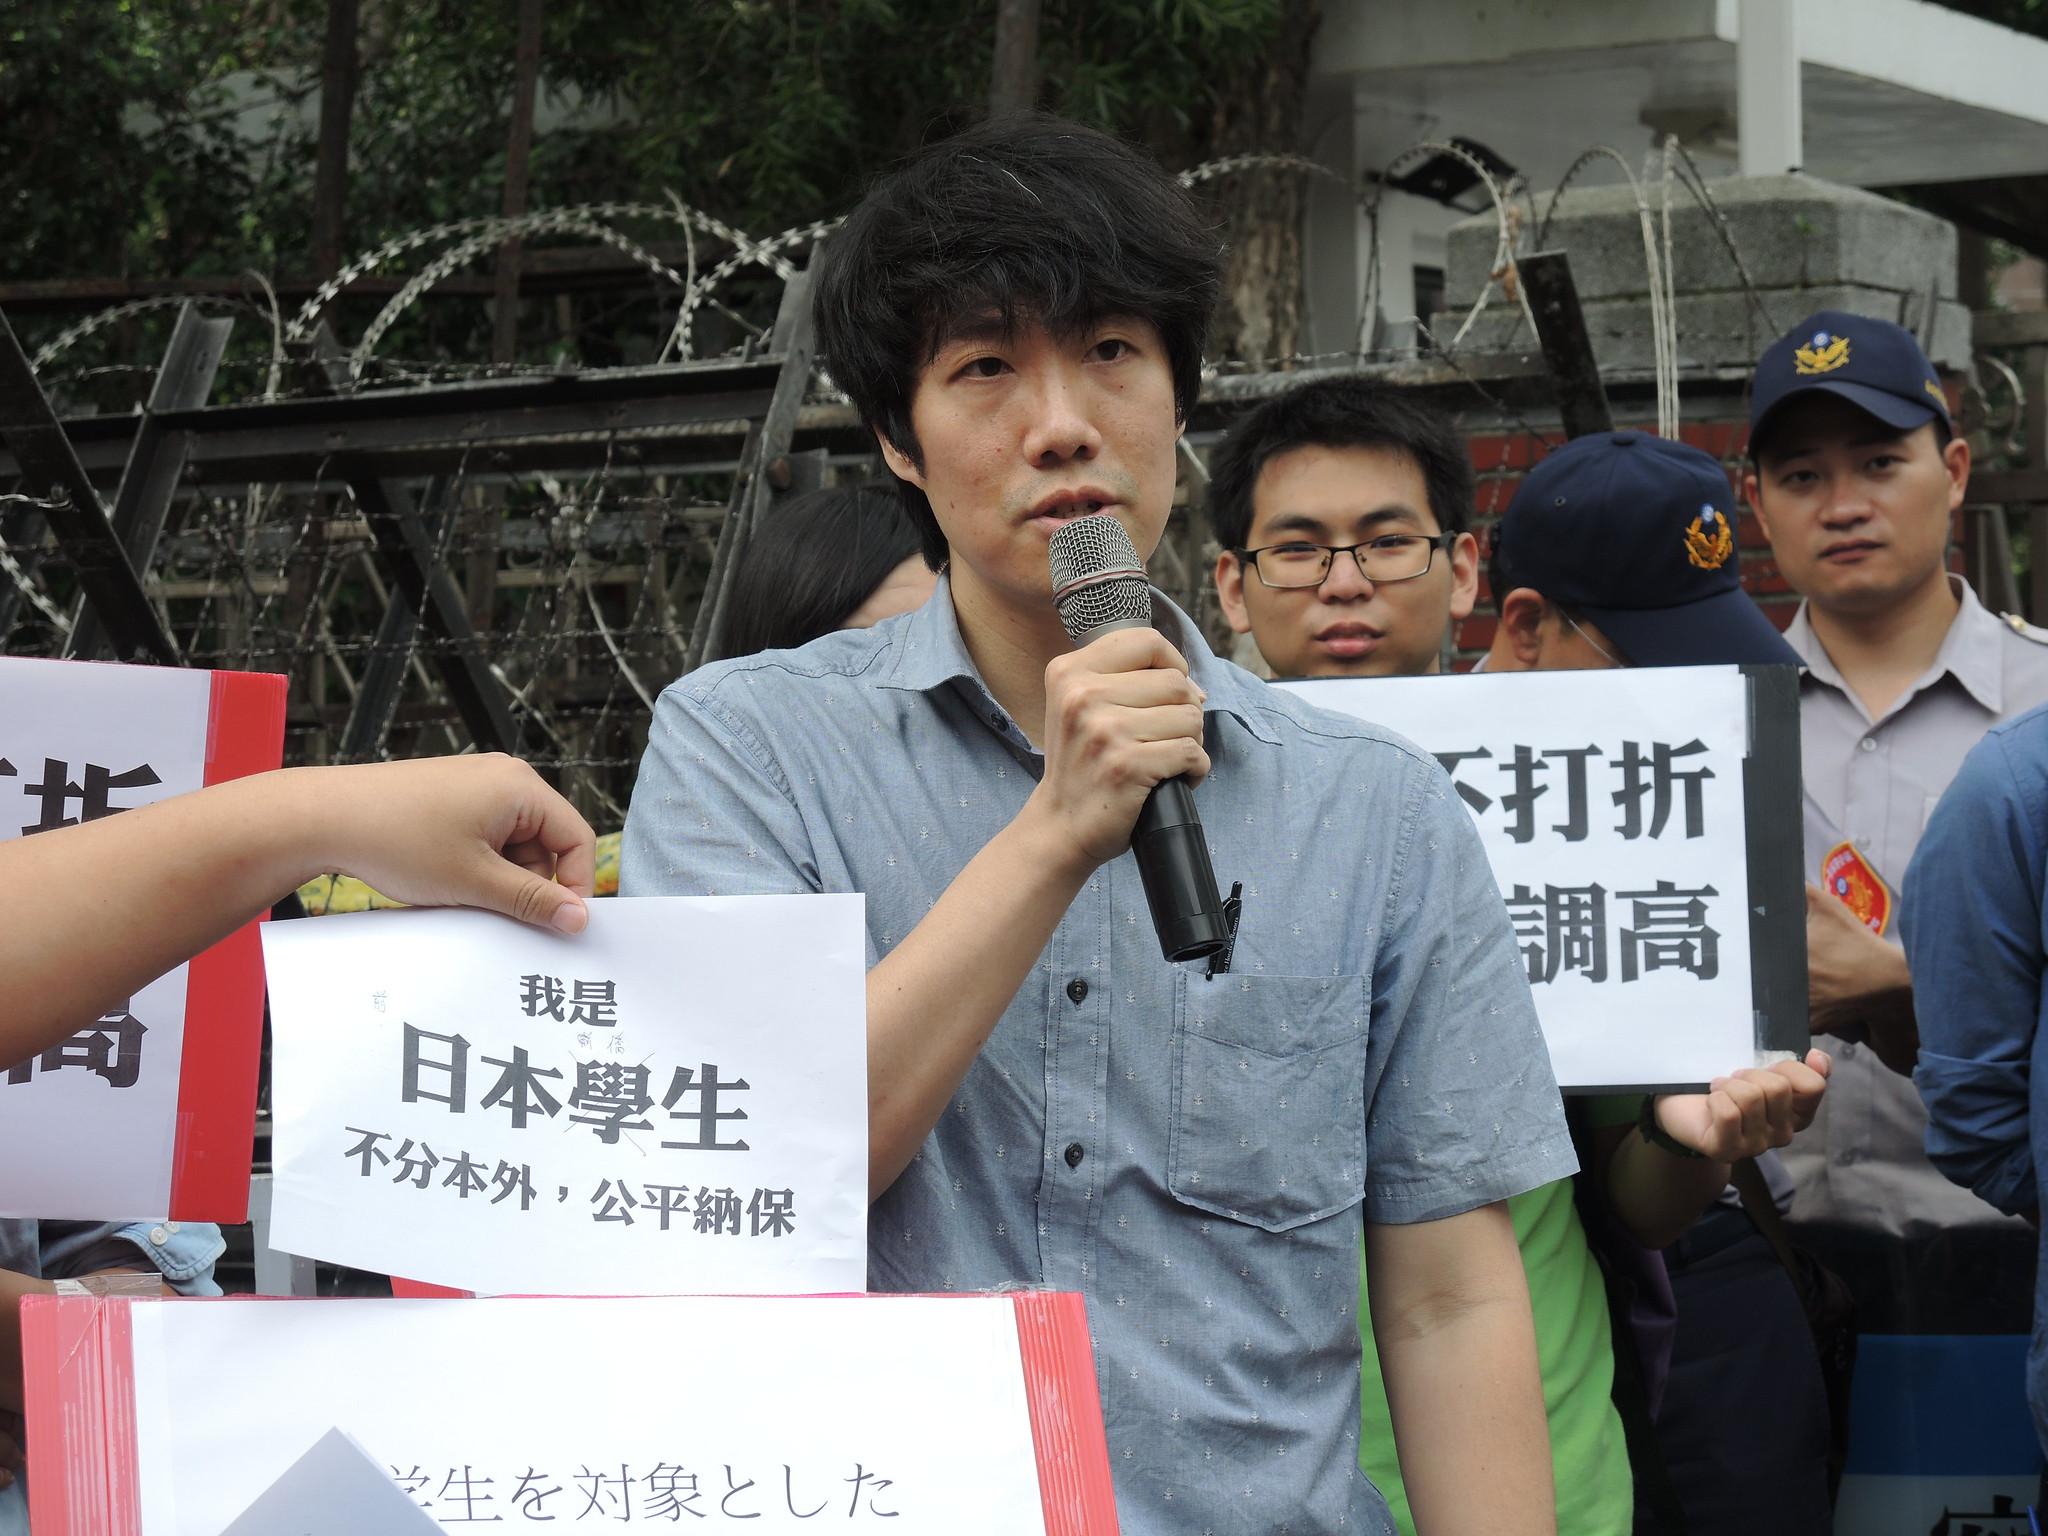 前日本僑生張建元表示,陸生納保卻調漲整體境外生的保費,是針對外籍留學生的一種排外、歧視性的立法。(攝影:曾福全)